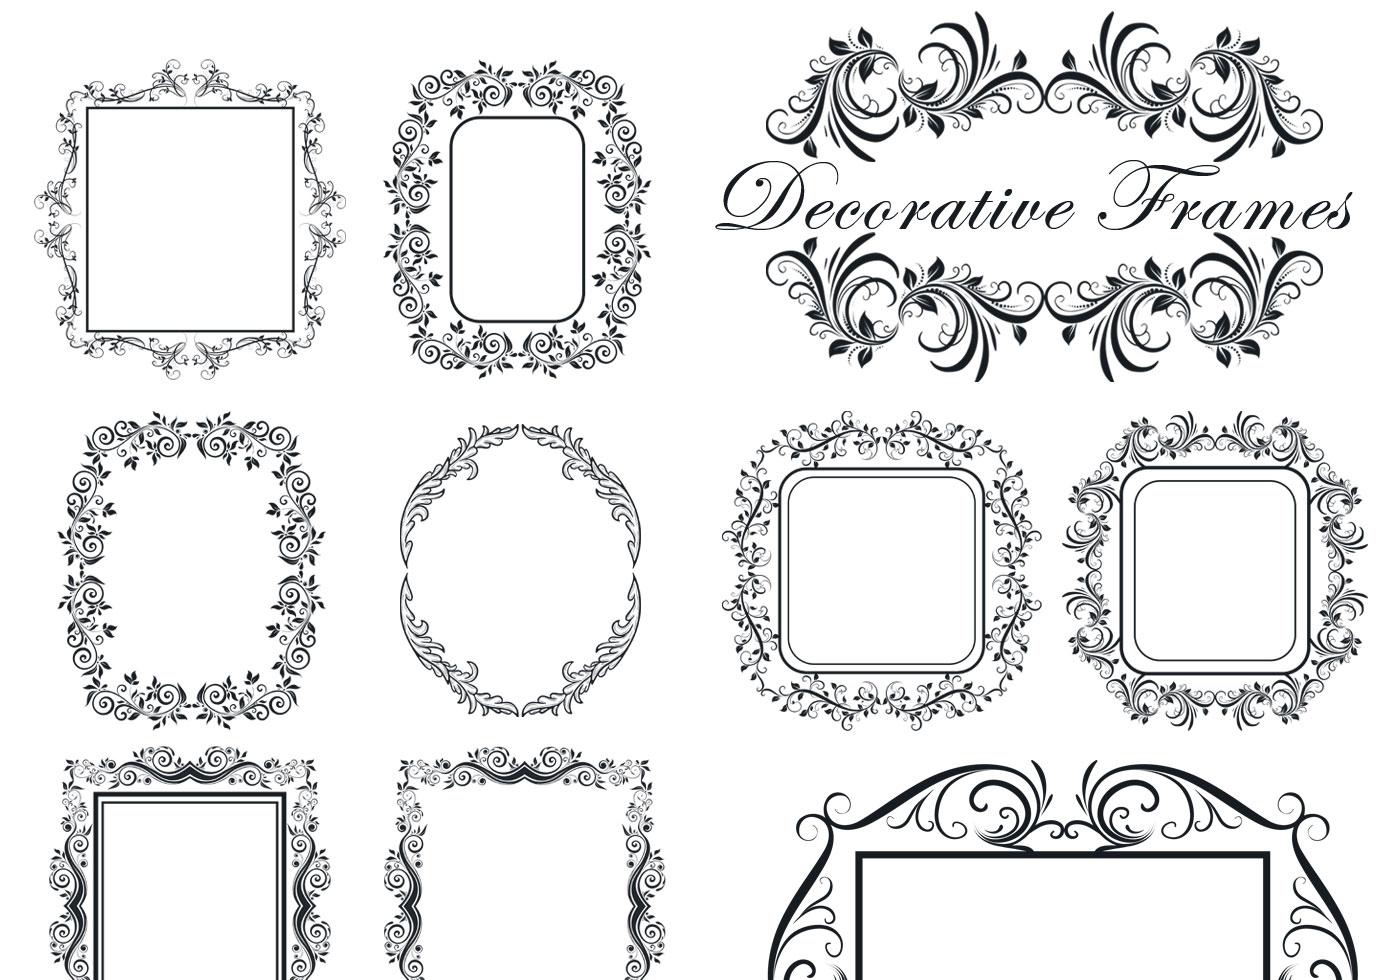 Decorative Frame Brushes